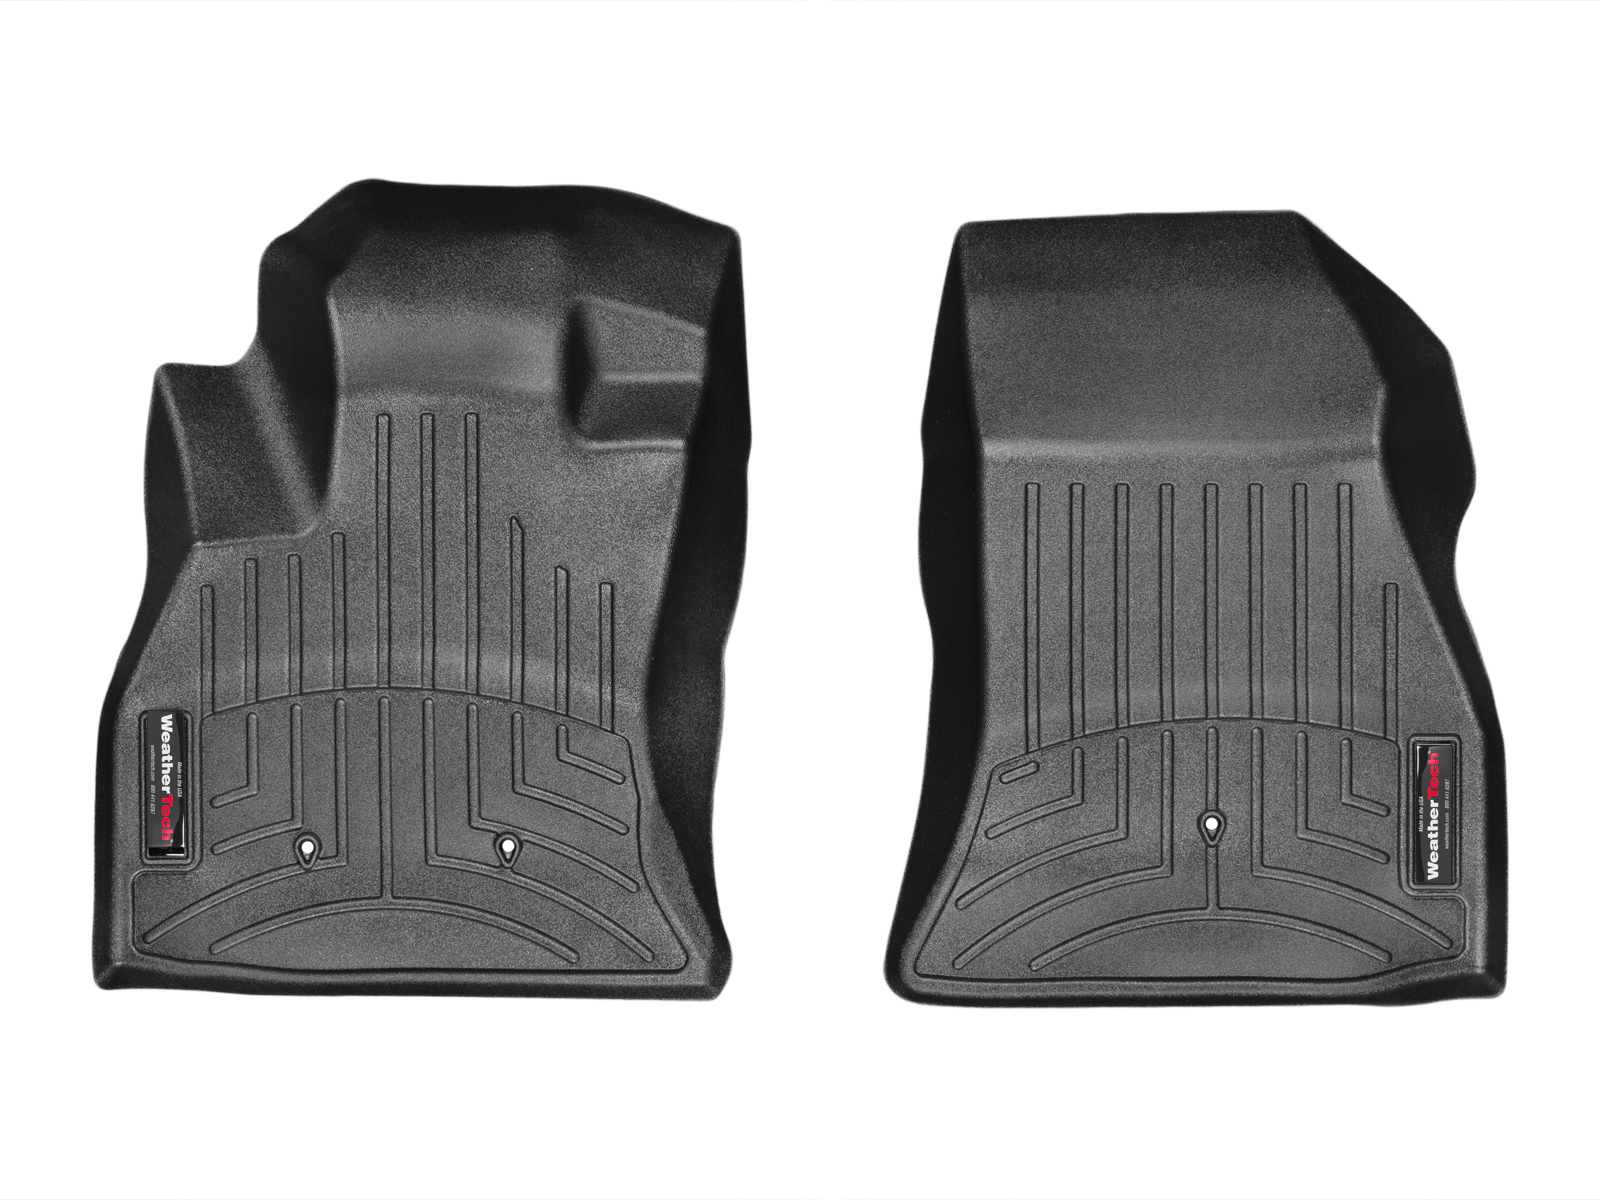 Tappeti gomma su misura bordo alto Fiat 500L Trekking 13>17 Nero A775*